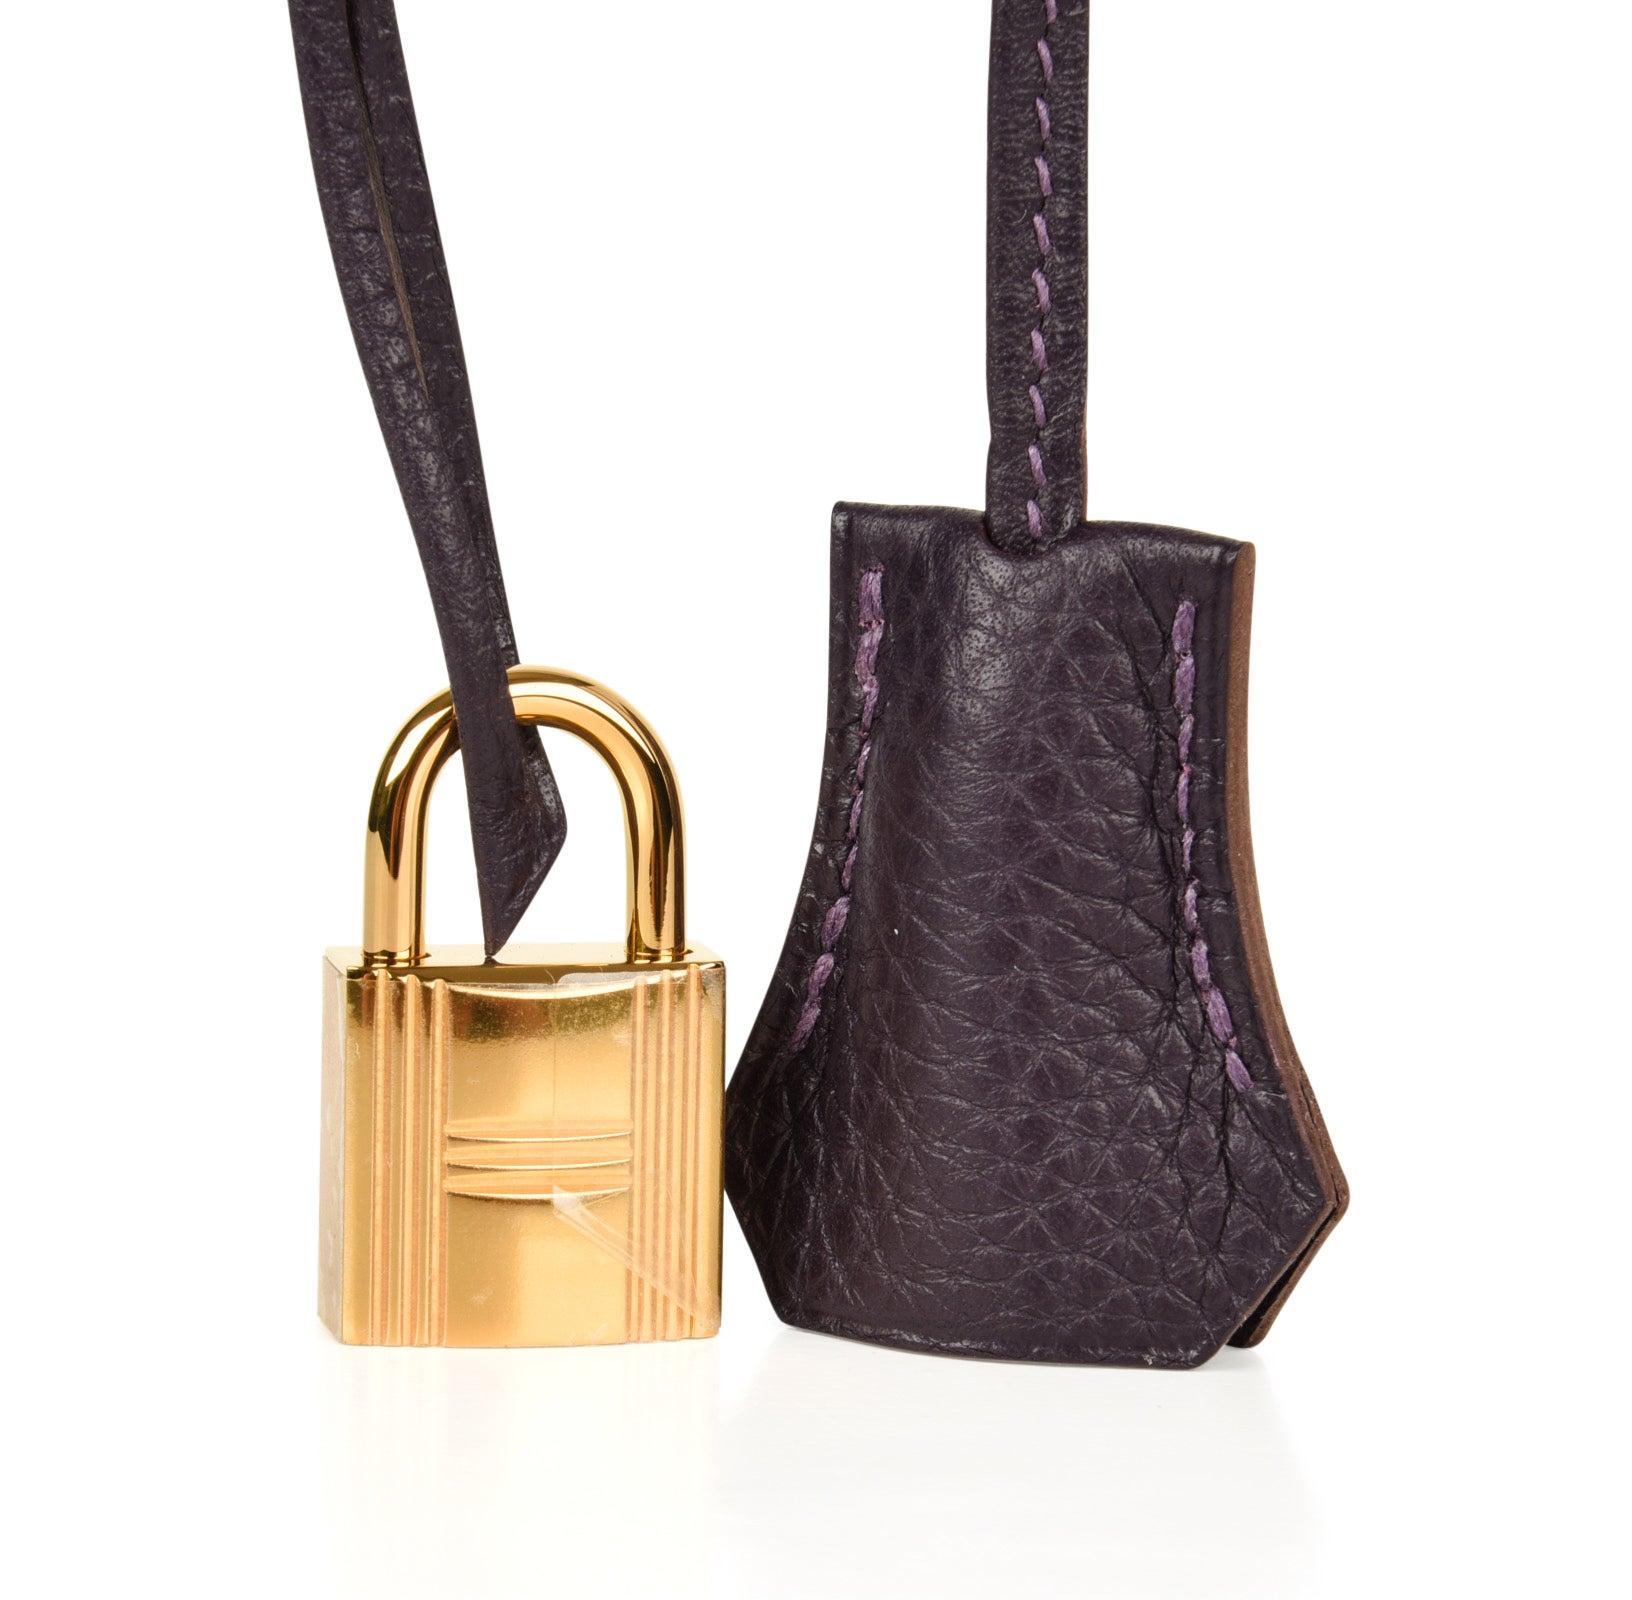 dffd6c0701 Hermes Birkin 30 Rich Raisin Gold Hardware Original Colour Togo Bag For  Sale at 1stdibs